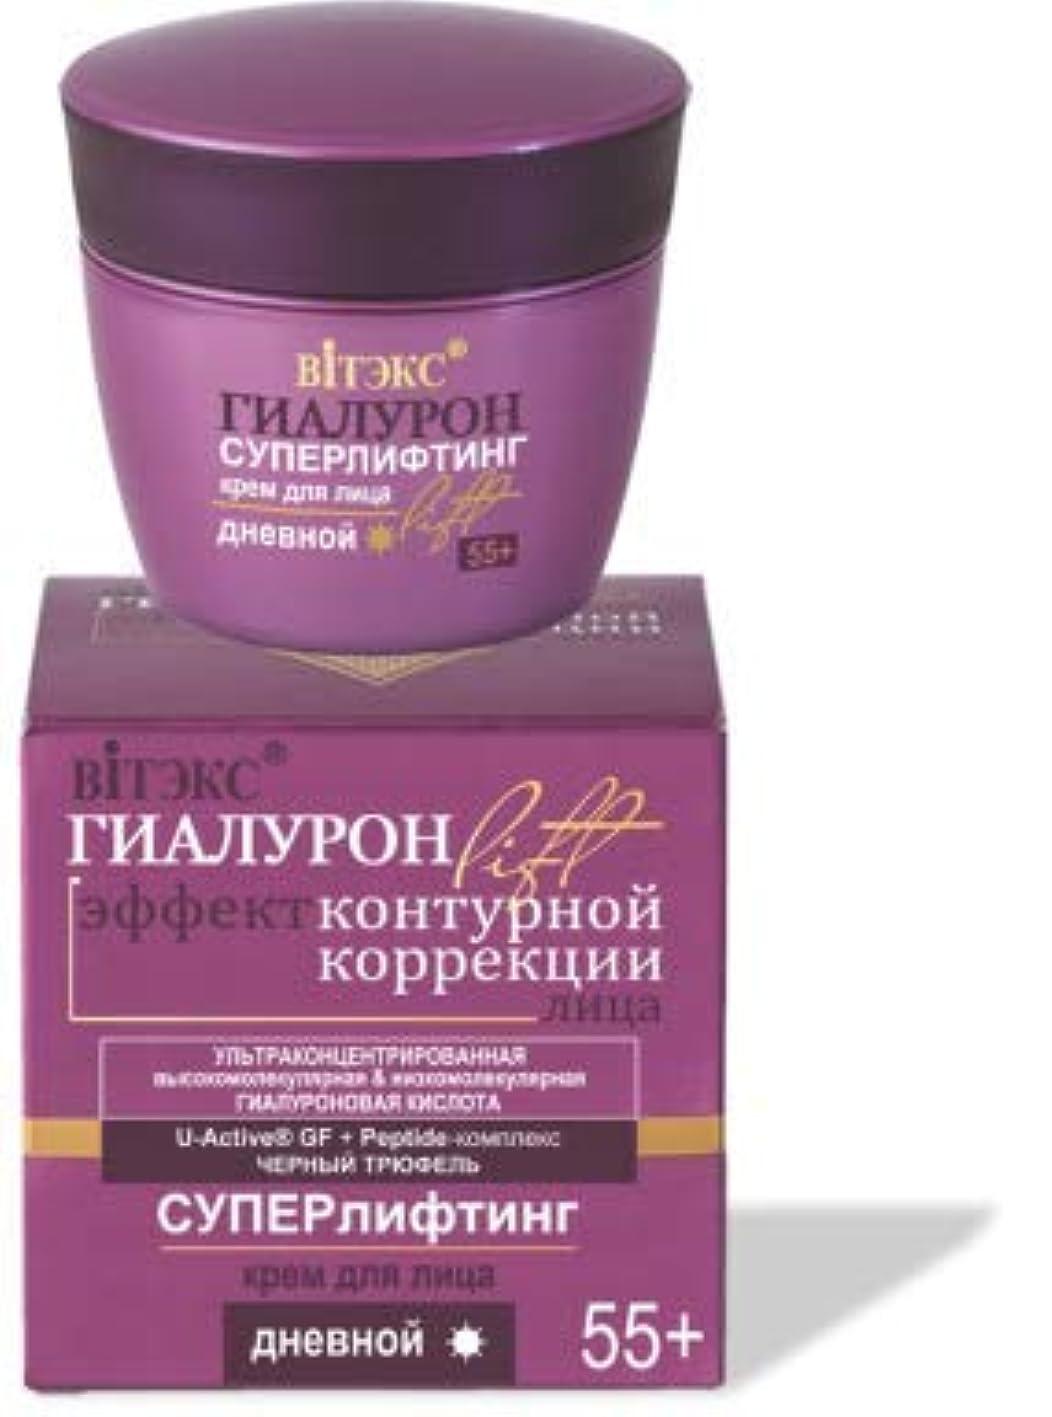 大使優勢タップDay Cream | Super Lifting | Struggles with Sagging Skin | Restores The Shape of cheekbones, Cheeks and Chin | Instant Firming & Long Term Reduction in Wrinkles, Bags & Dark Circles 45 ml